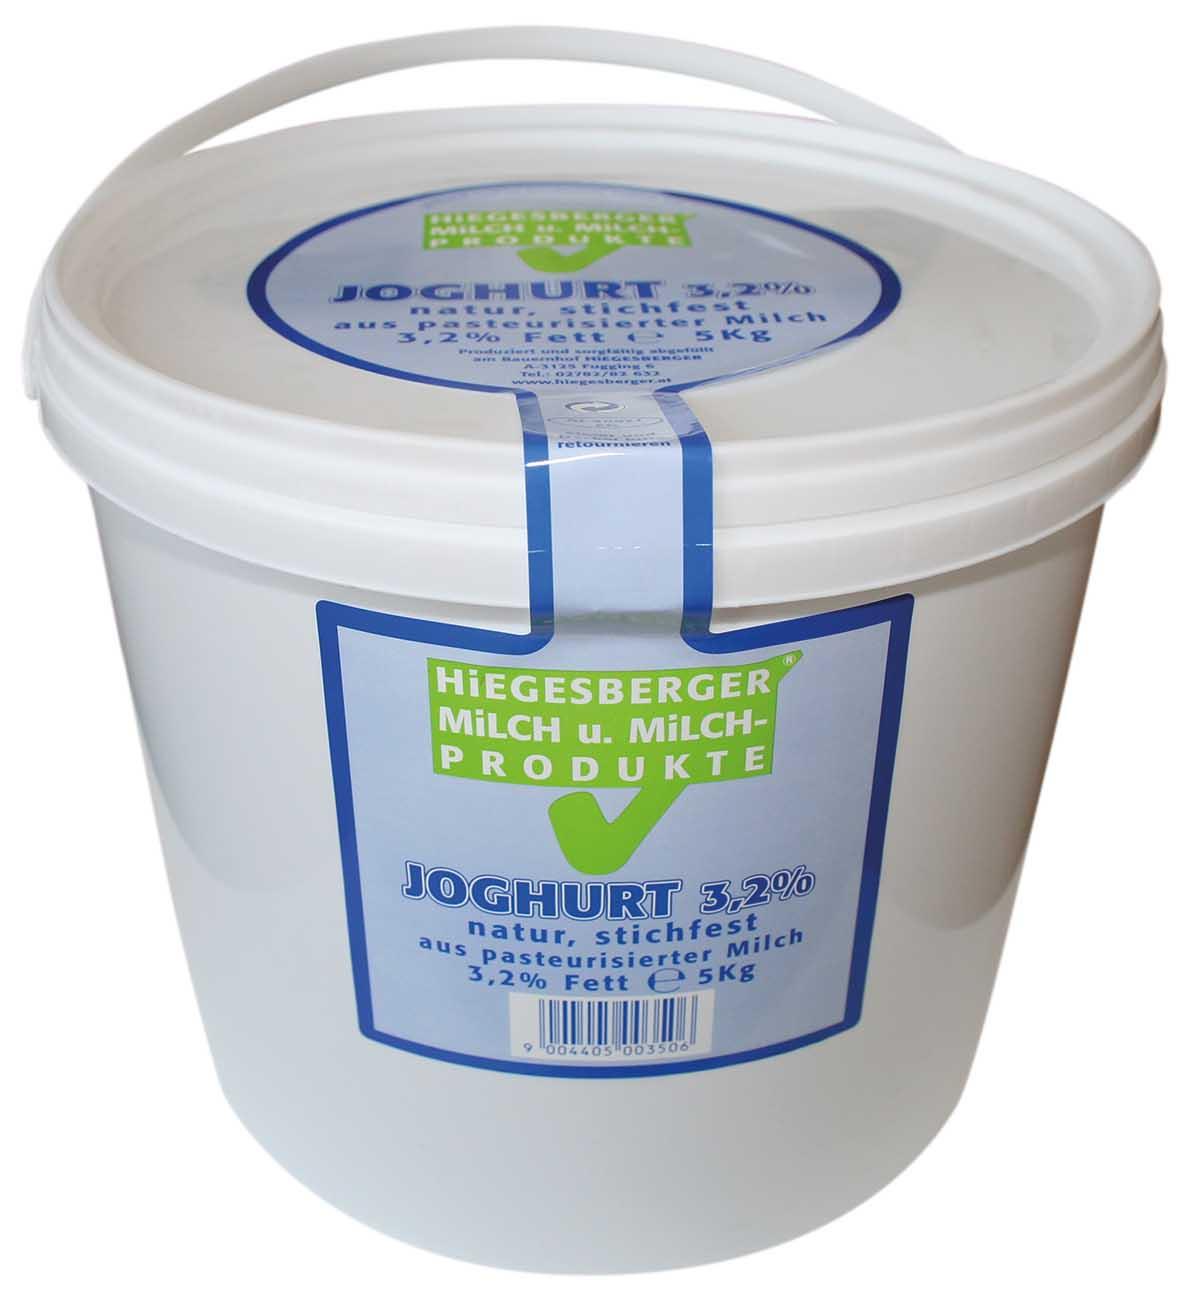 Hiegesberger_Joghurt_3,2%_Fett_5kg